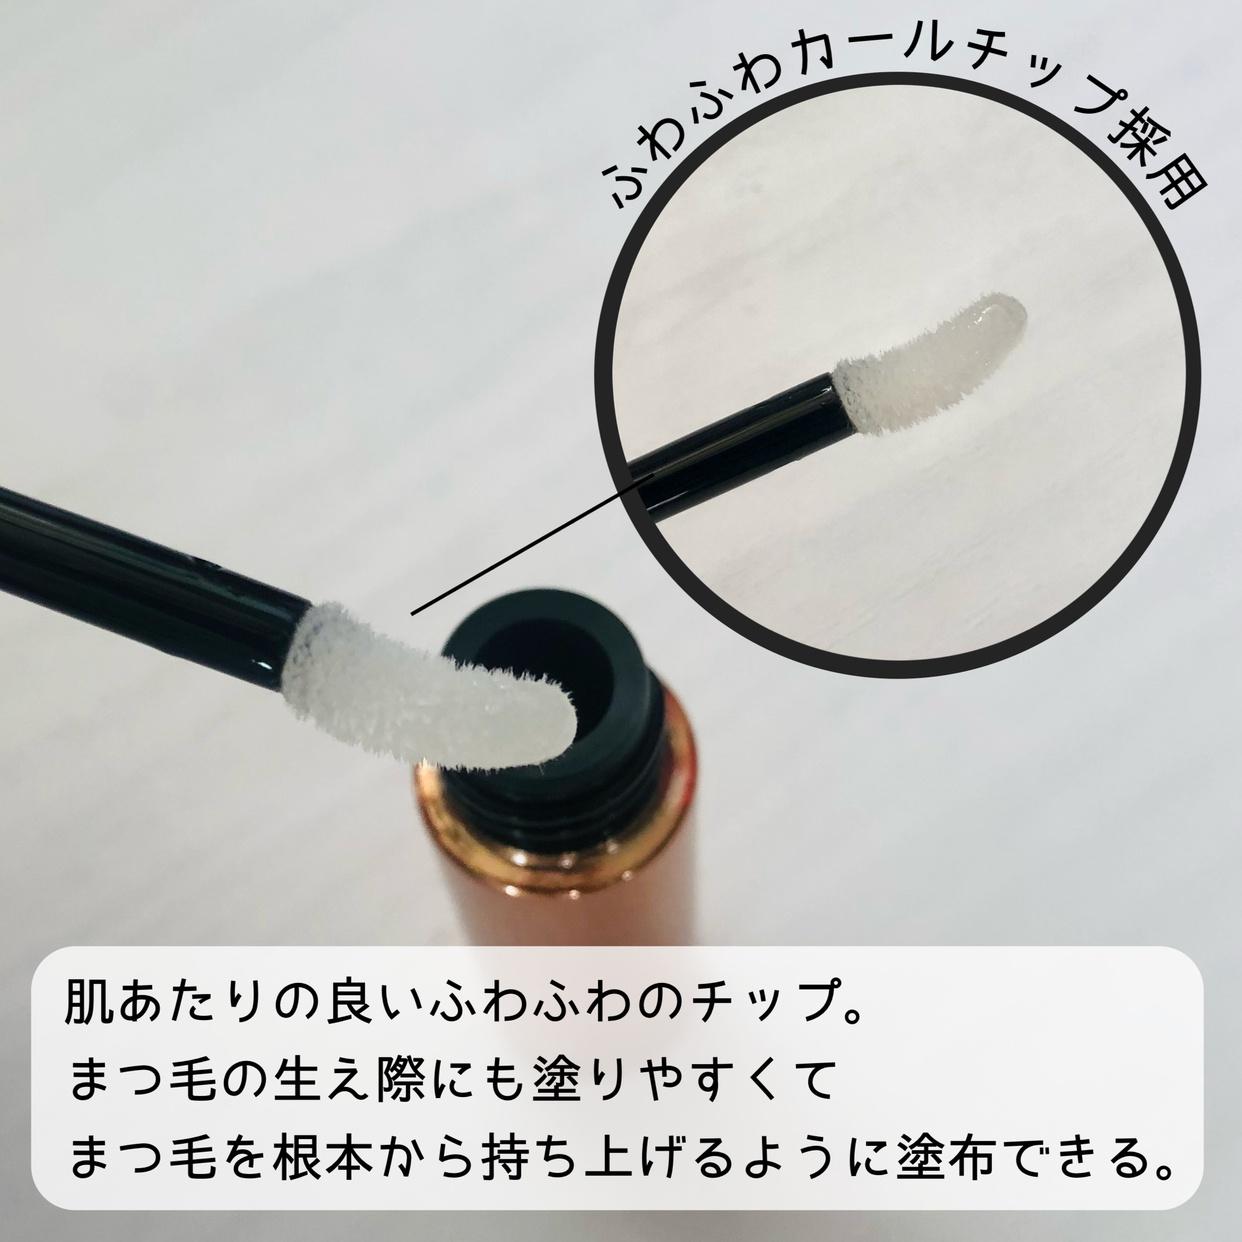 SCALP D BEAUTÉ(スカルプD ボーテ) ピュアフリーアイラッシュセラム プレミアムを使ったsachikoさんのクチコミ画像3